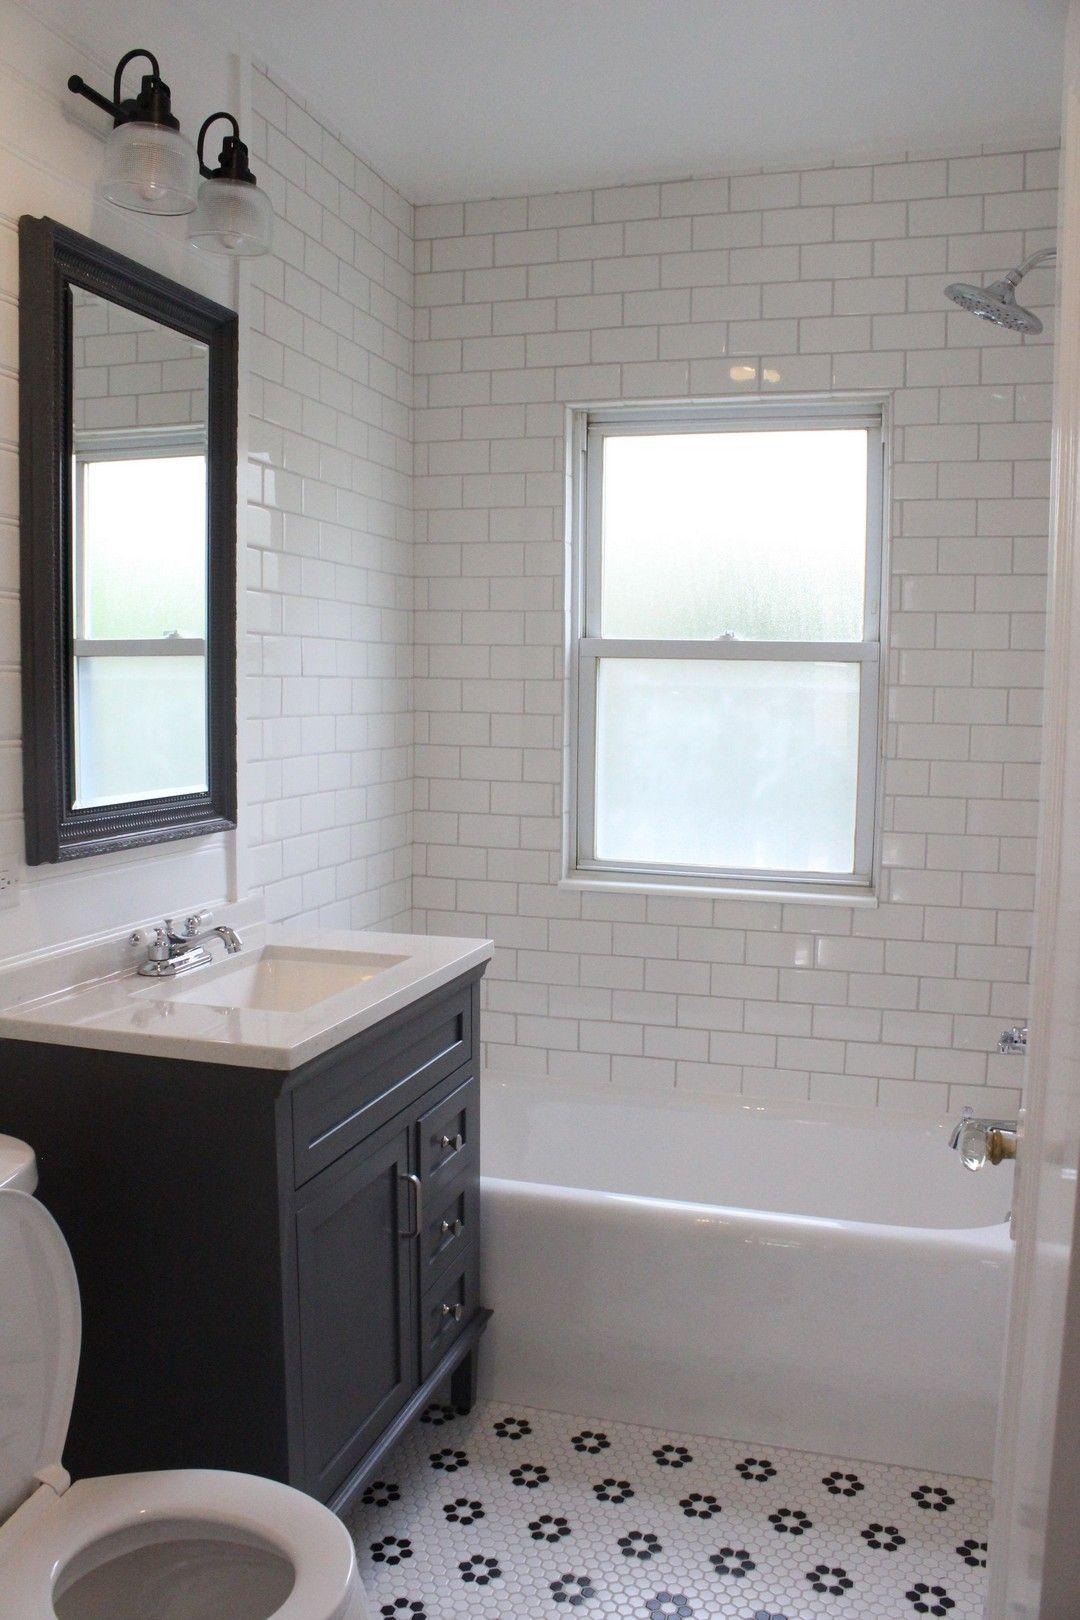 Gorgeous Black And White Subway Tiles Bathroom Design White Subway Tile Shower White Subway Tile Bathroom White Bathroom Tiles